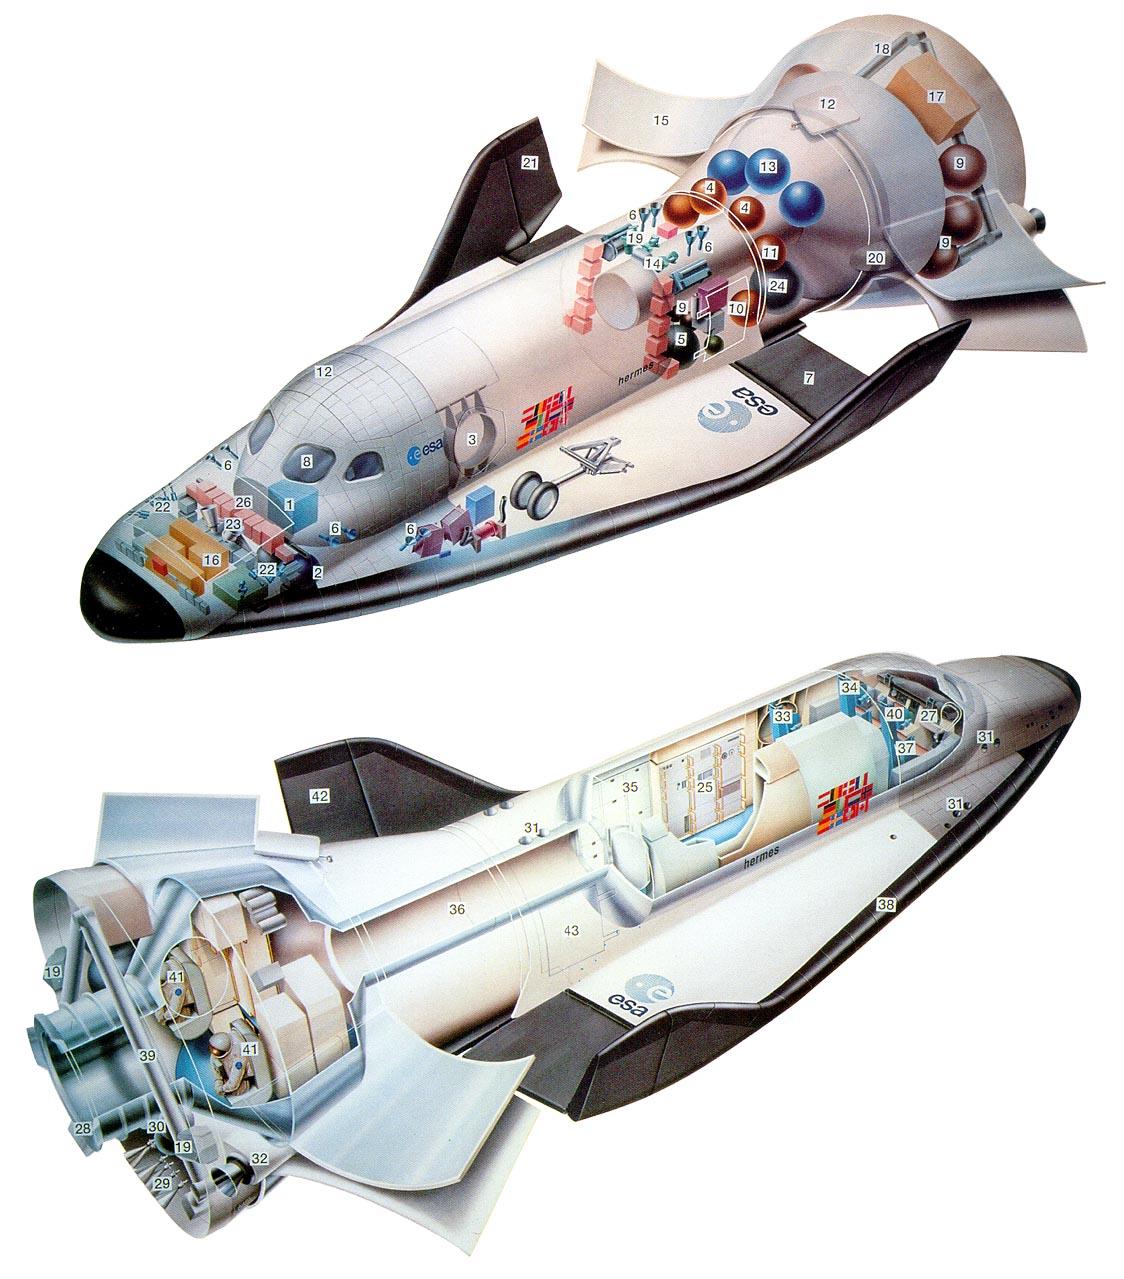 hermes space shuttle -#main